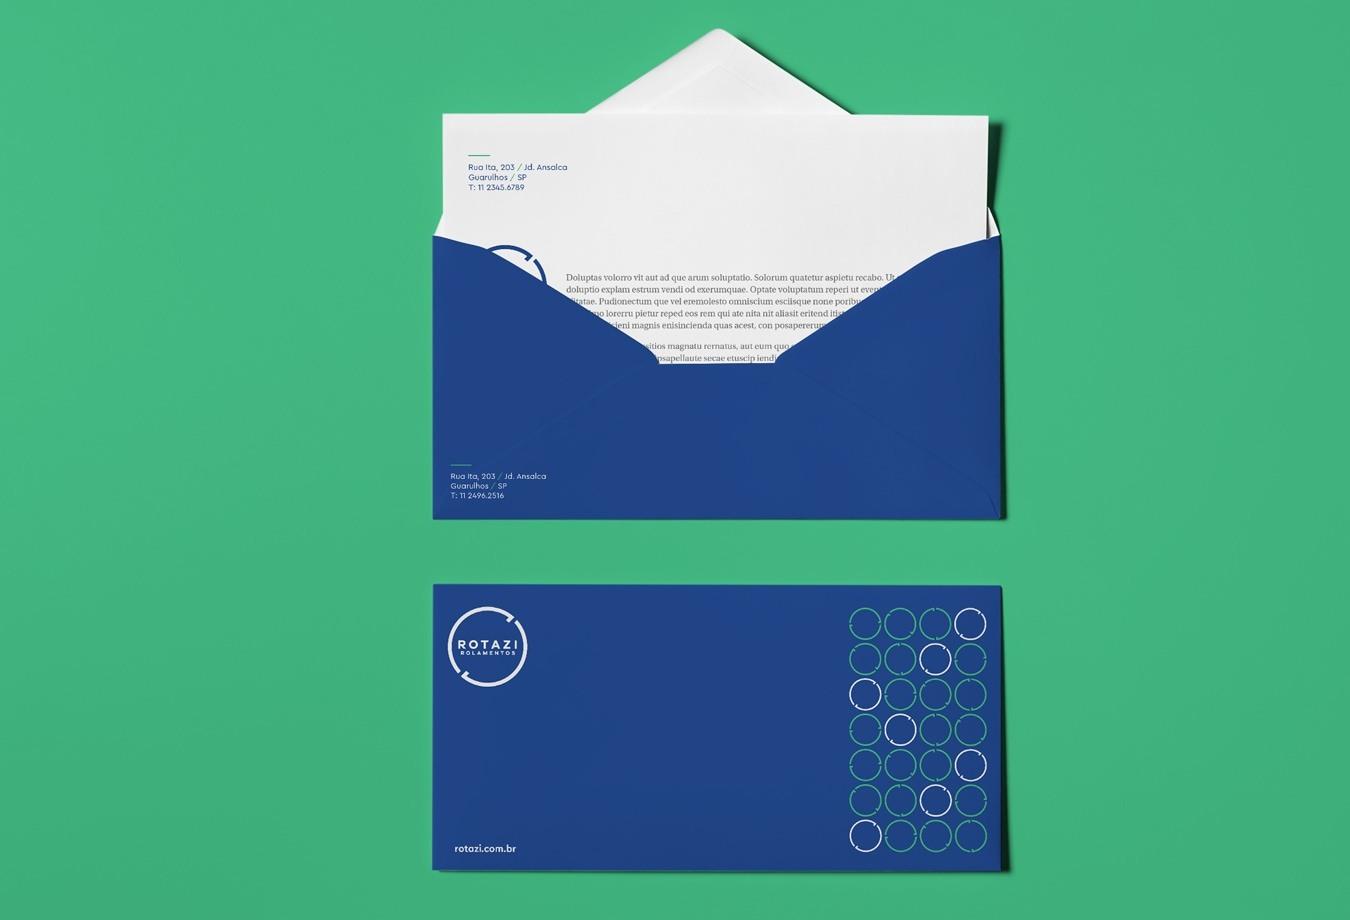 rotazi-identity-05-envelope